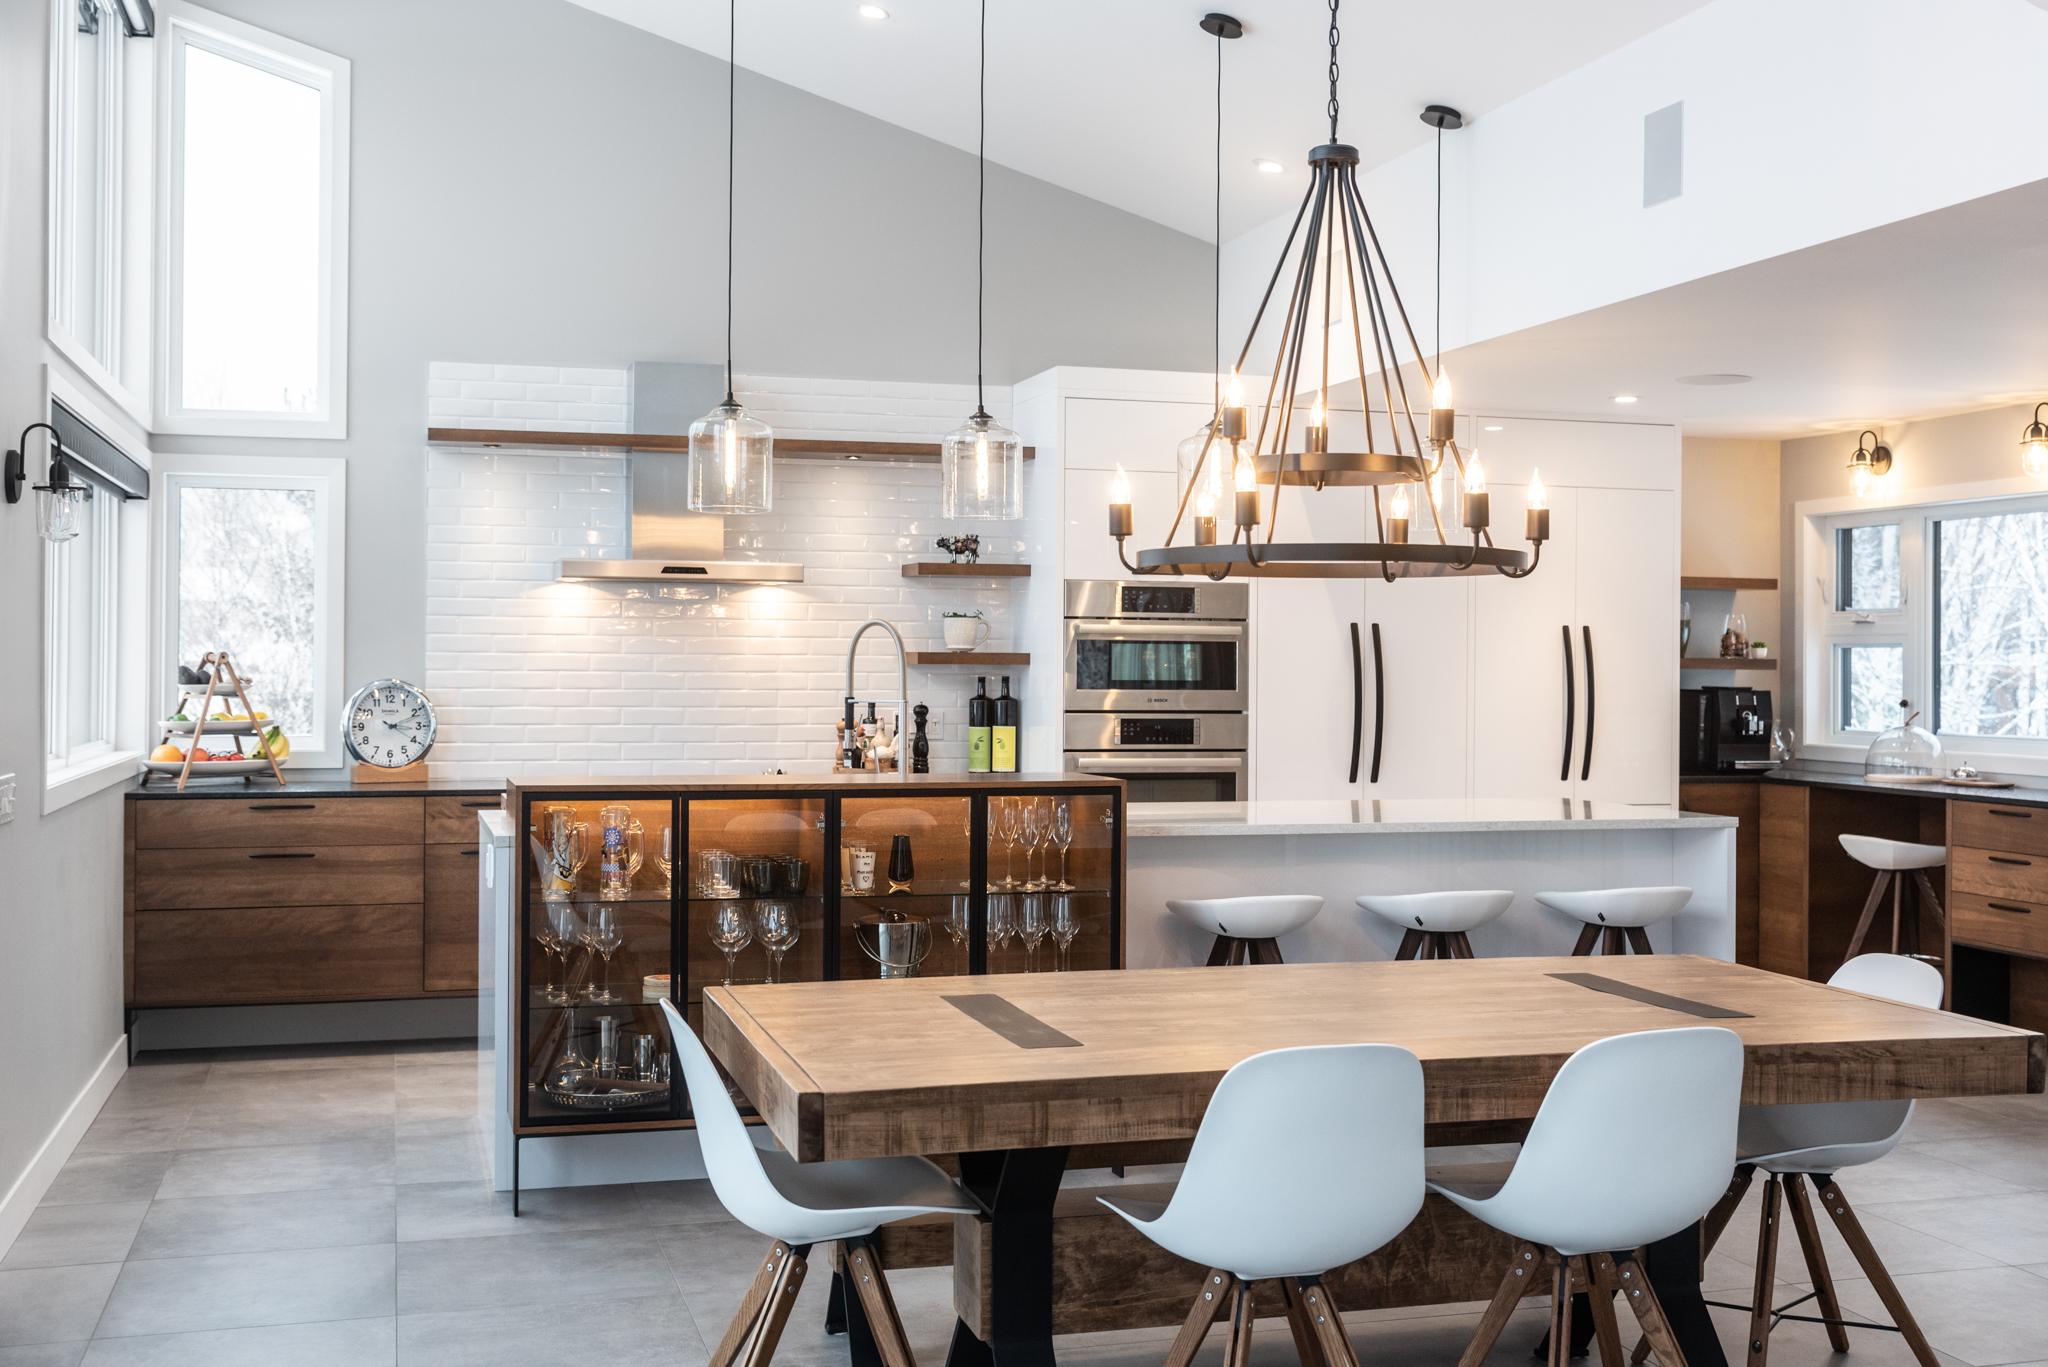 Habitat Meuble De Salle De Bain et si vous aviez 20 000 $ pour refaire votre cuisine? - expo